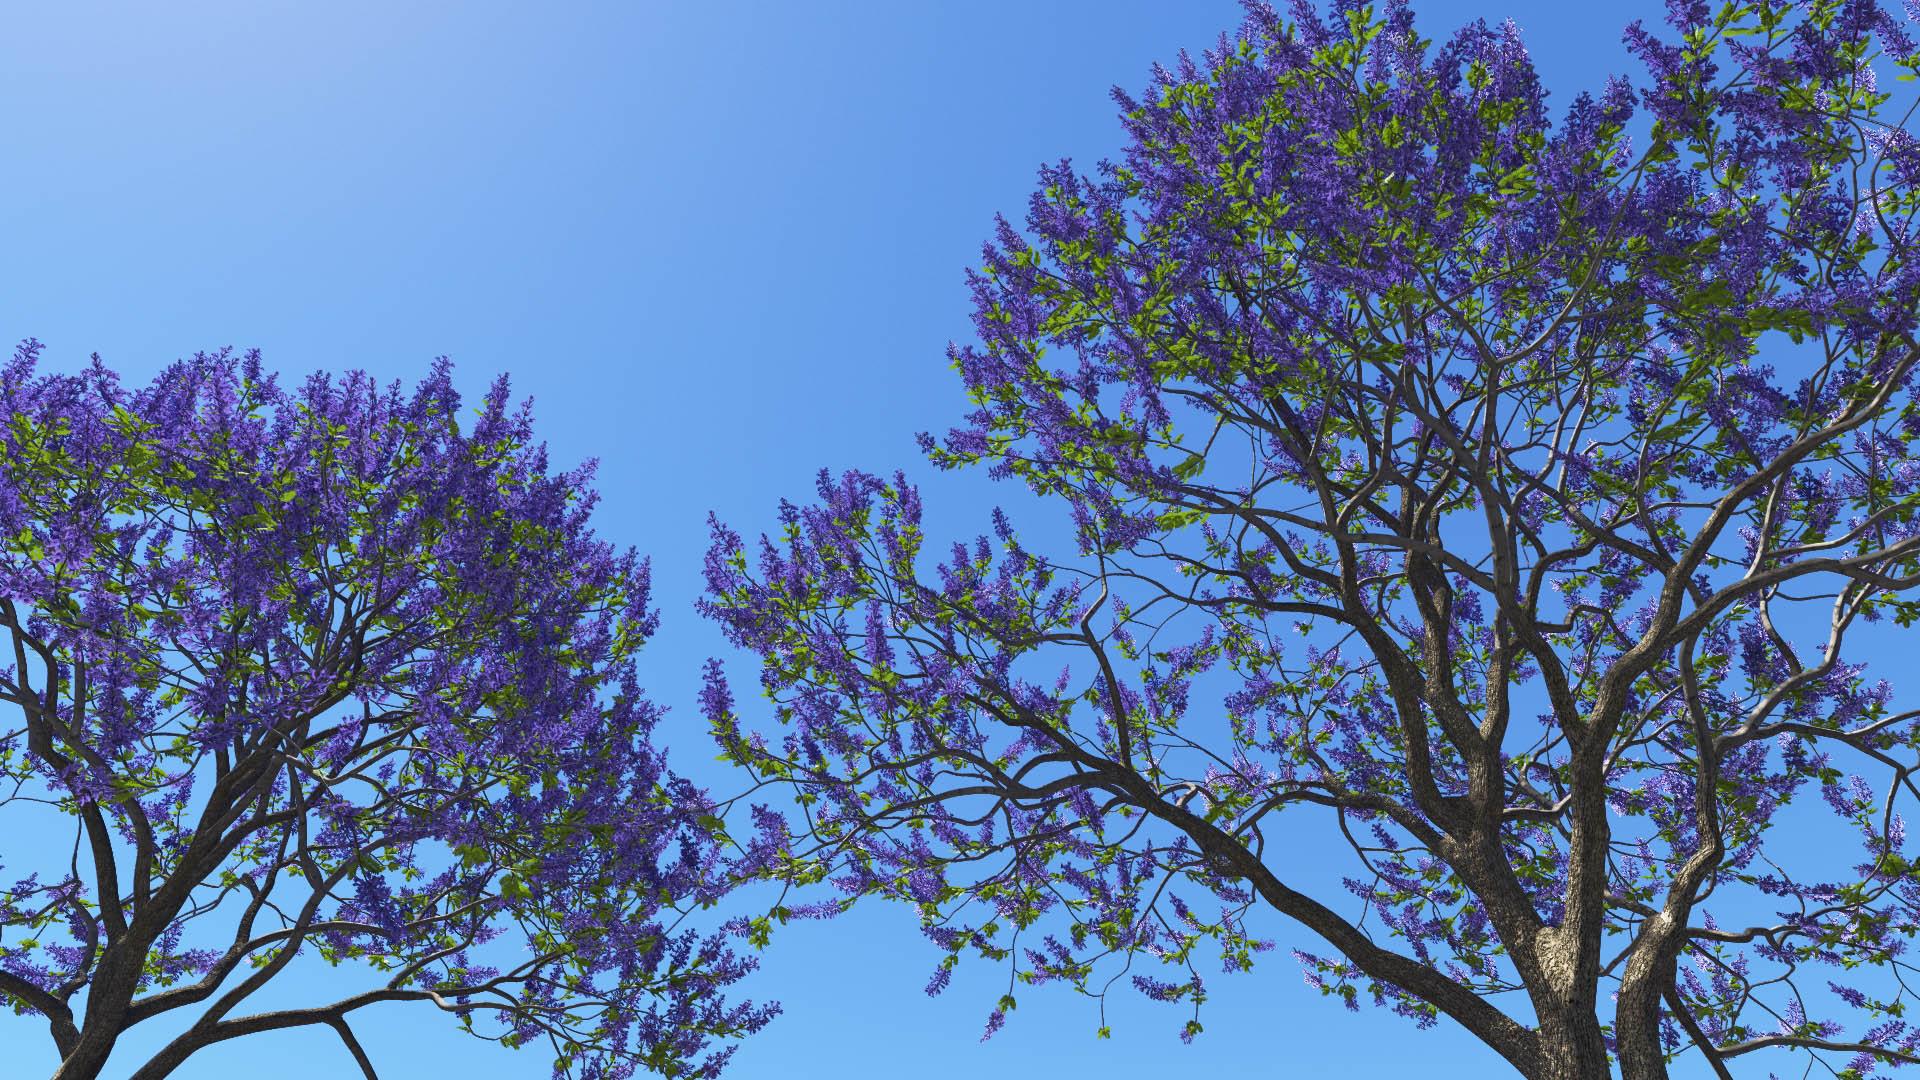 3D model of the Blue jacaranda Jacaranda mimosifolia close-up